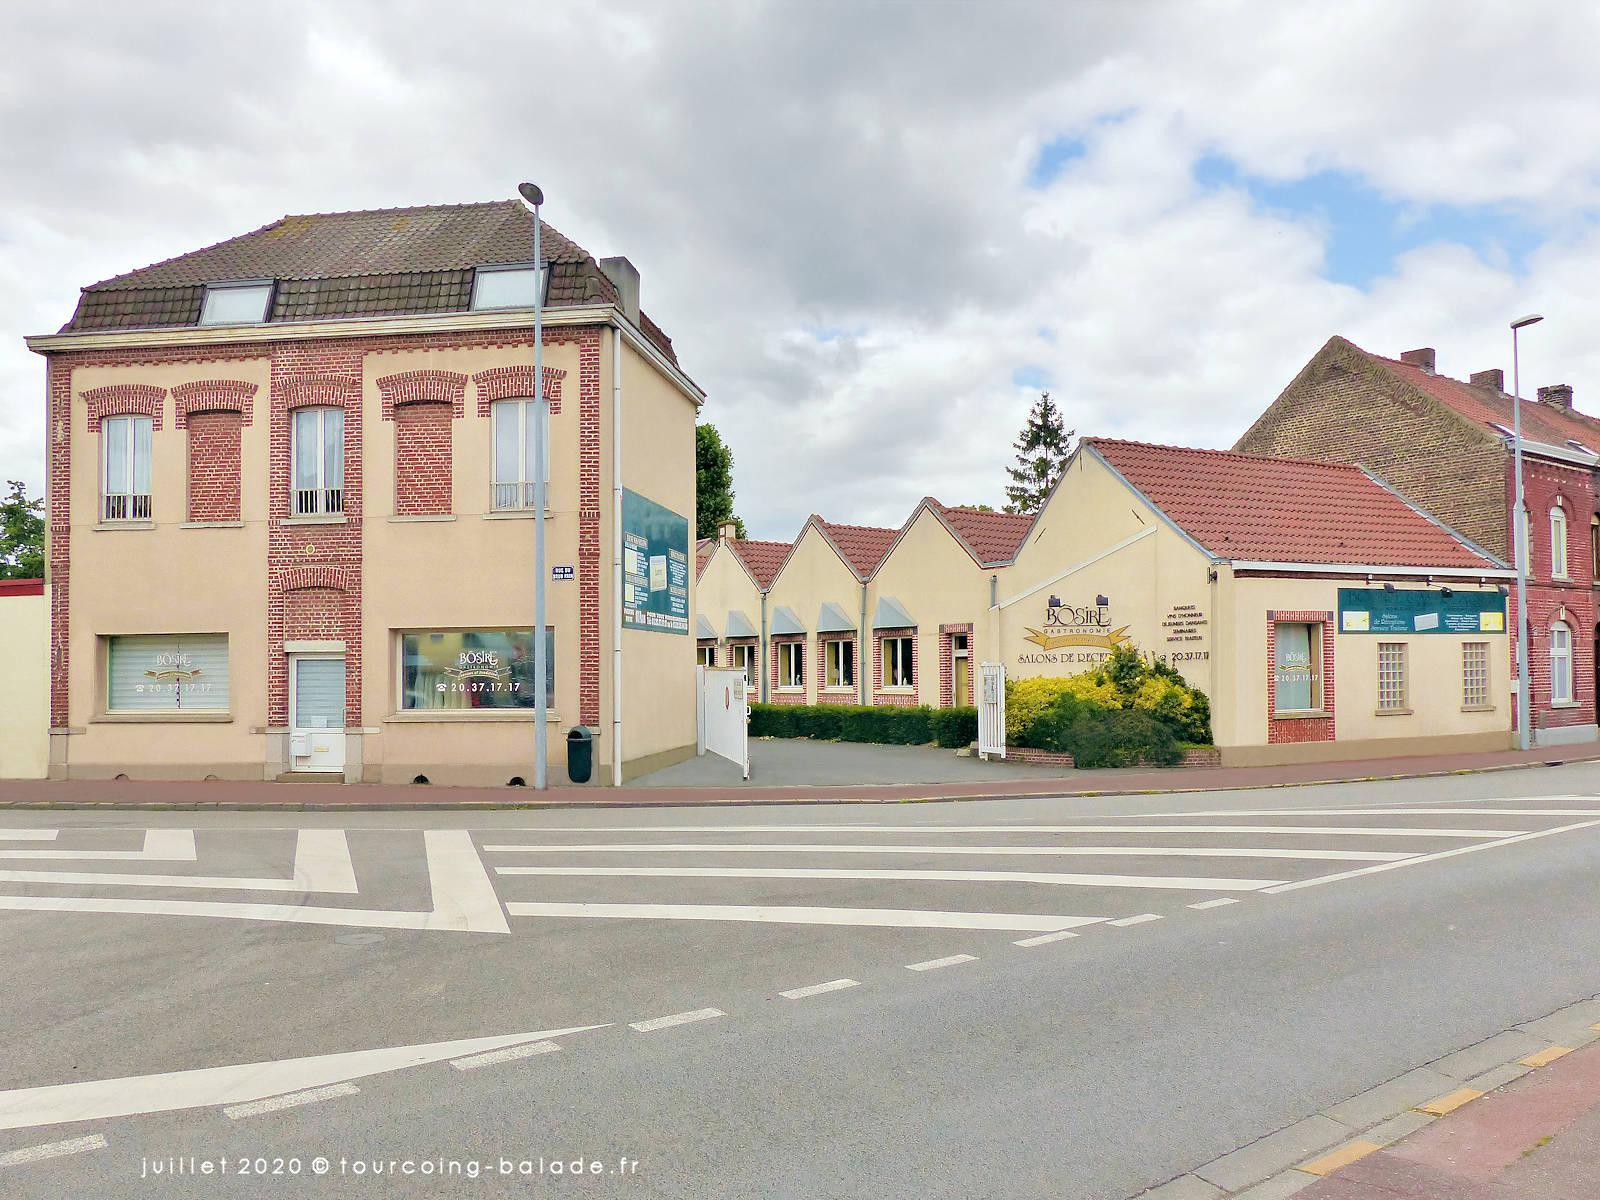 Salon de Réceptions Bôsire Gastronomie, Tourcoing 2020